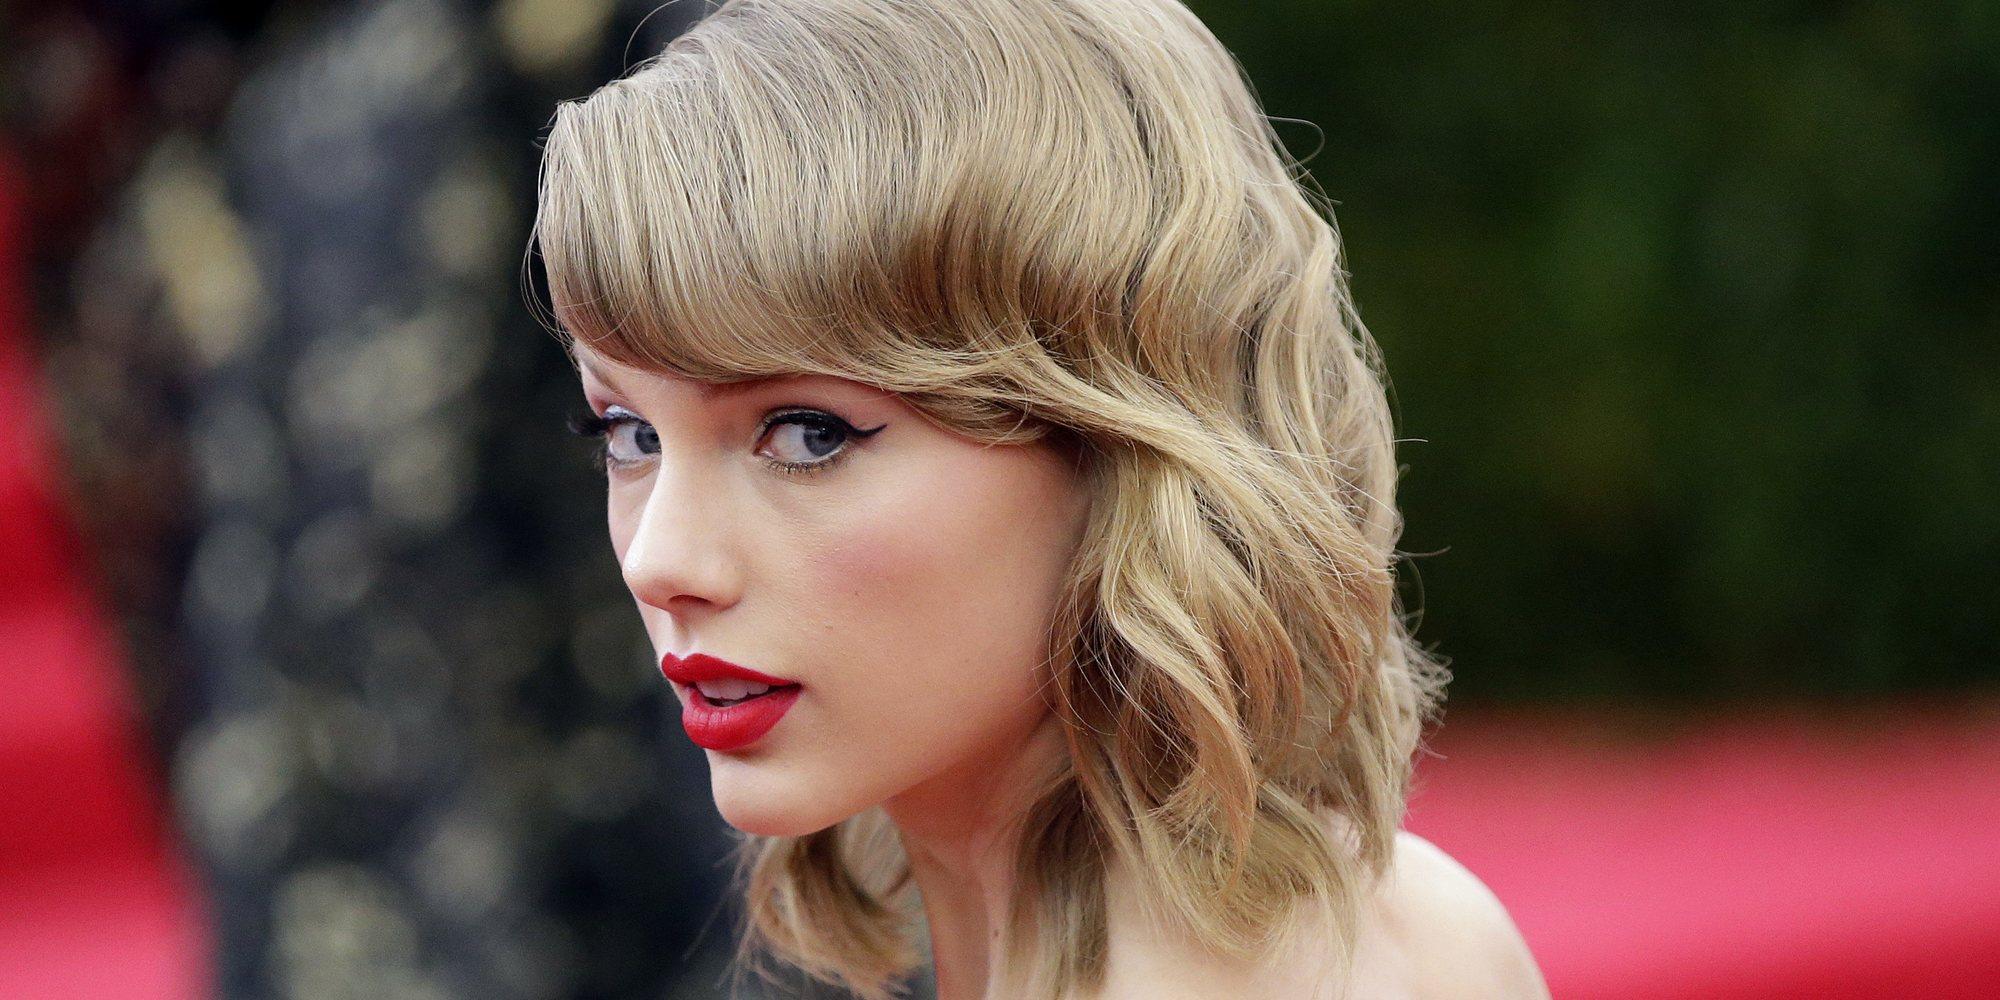 Taylor Swift regrabará todos sus discos para recuperar los derechos tras la compra de Scooter Braun